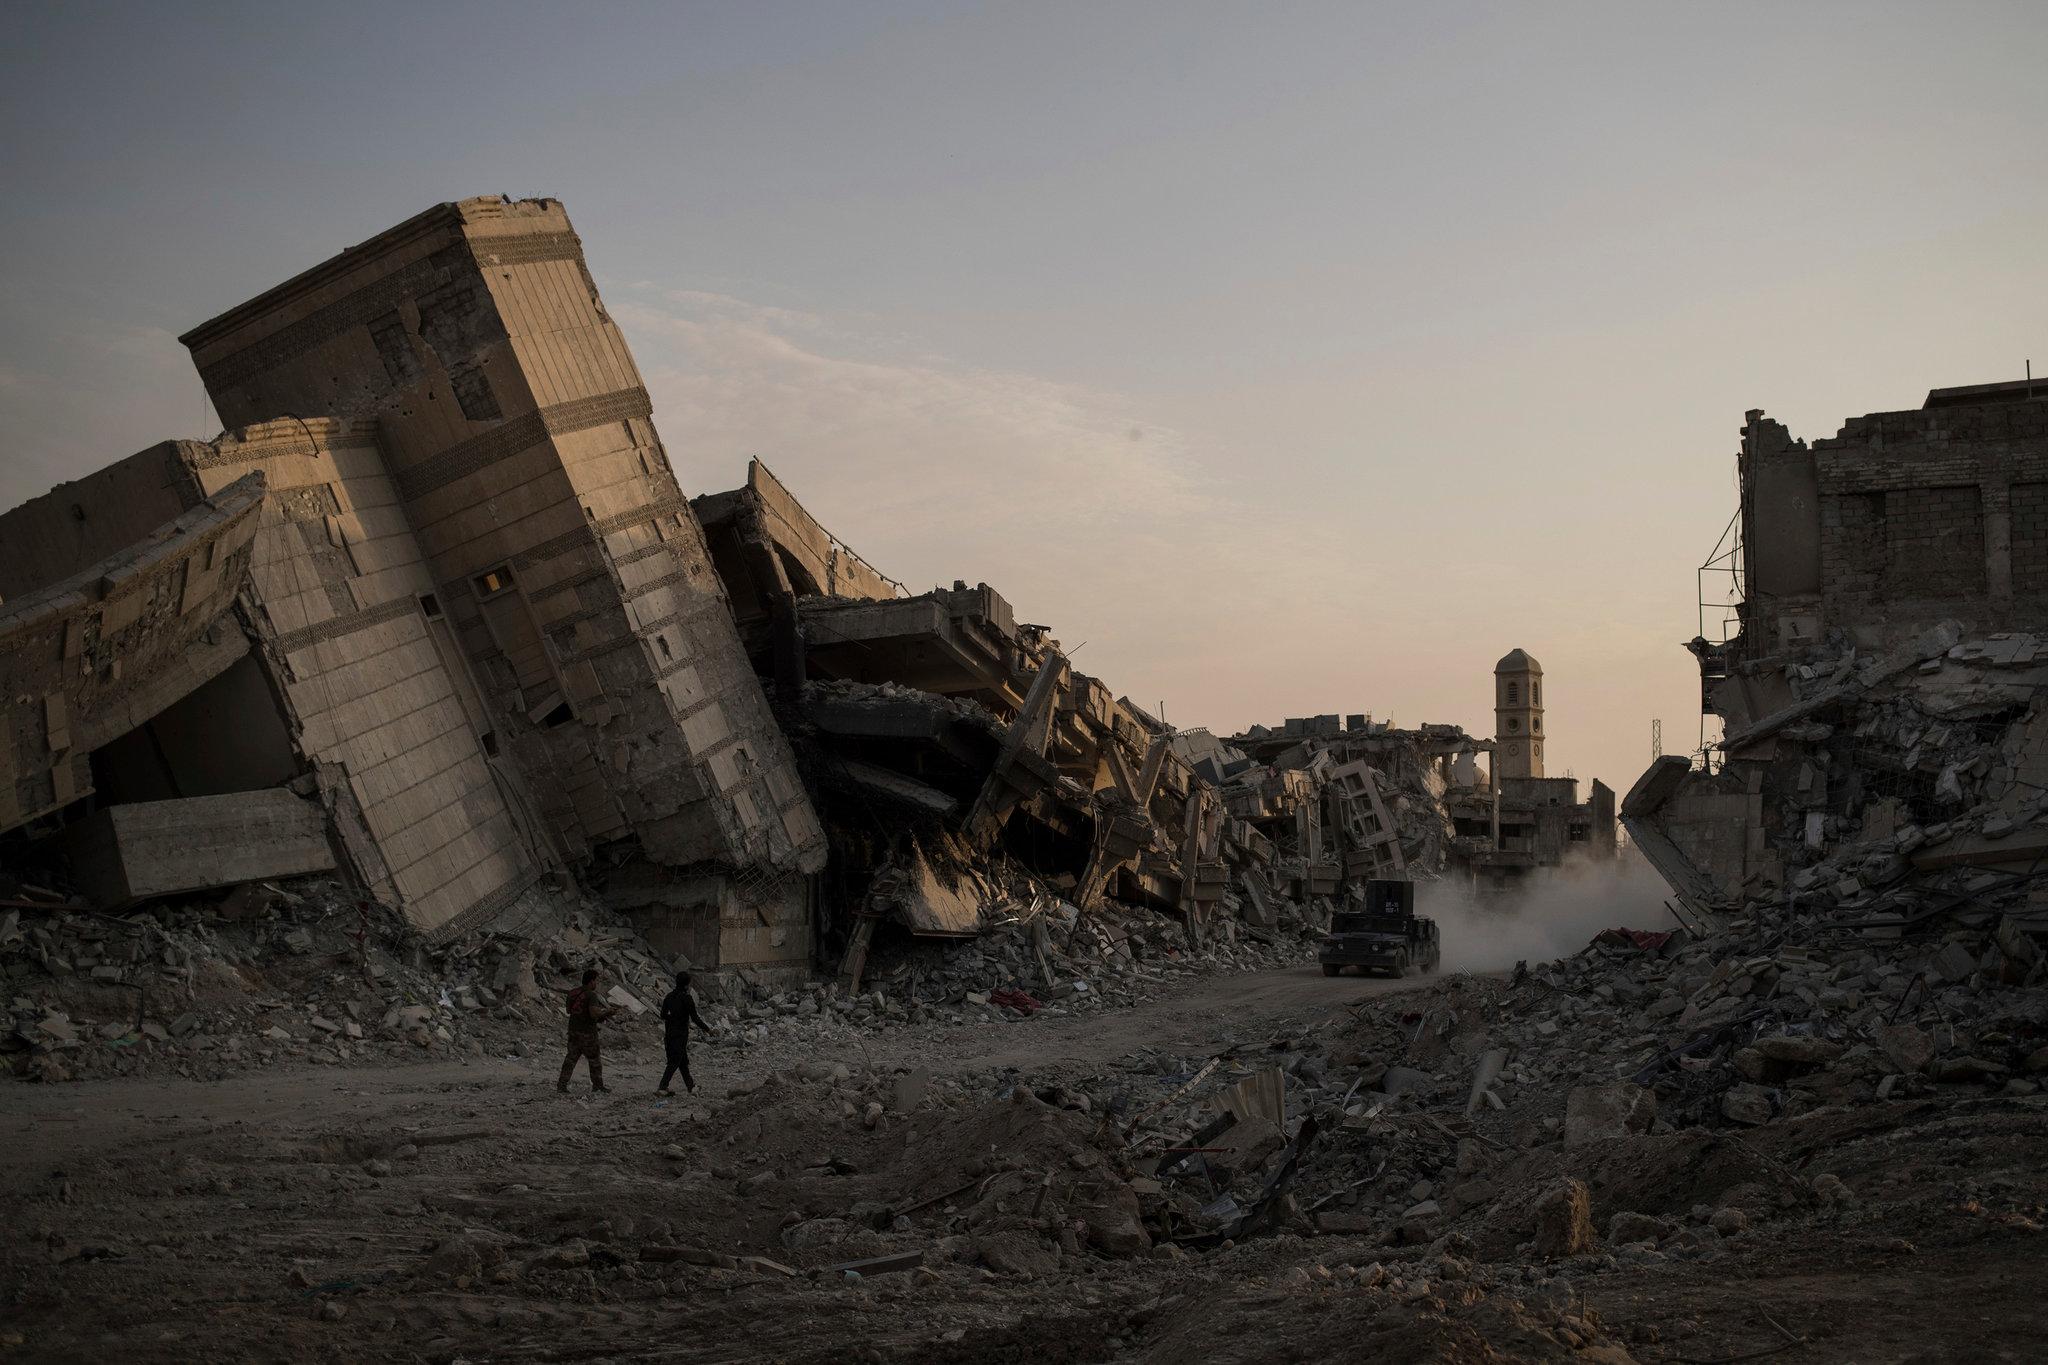 من آثار دمار الموصل على خلفية الحرب الضروس ضد داعش ( فيليب دانا/ أسوشيتد برس)